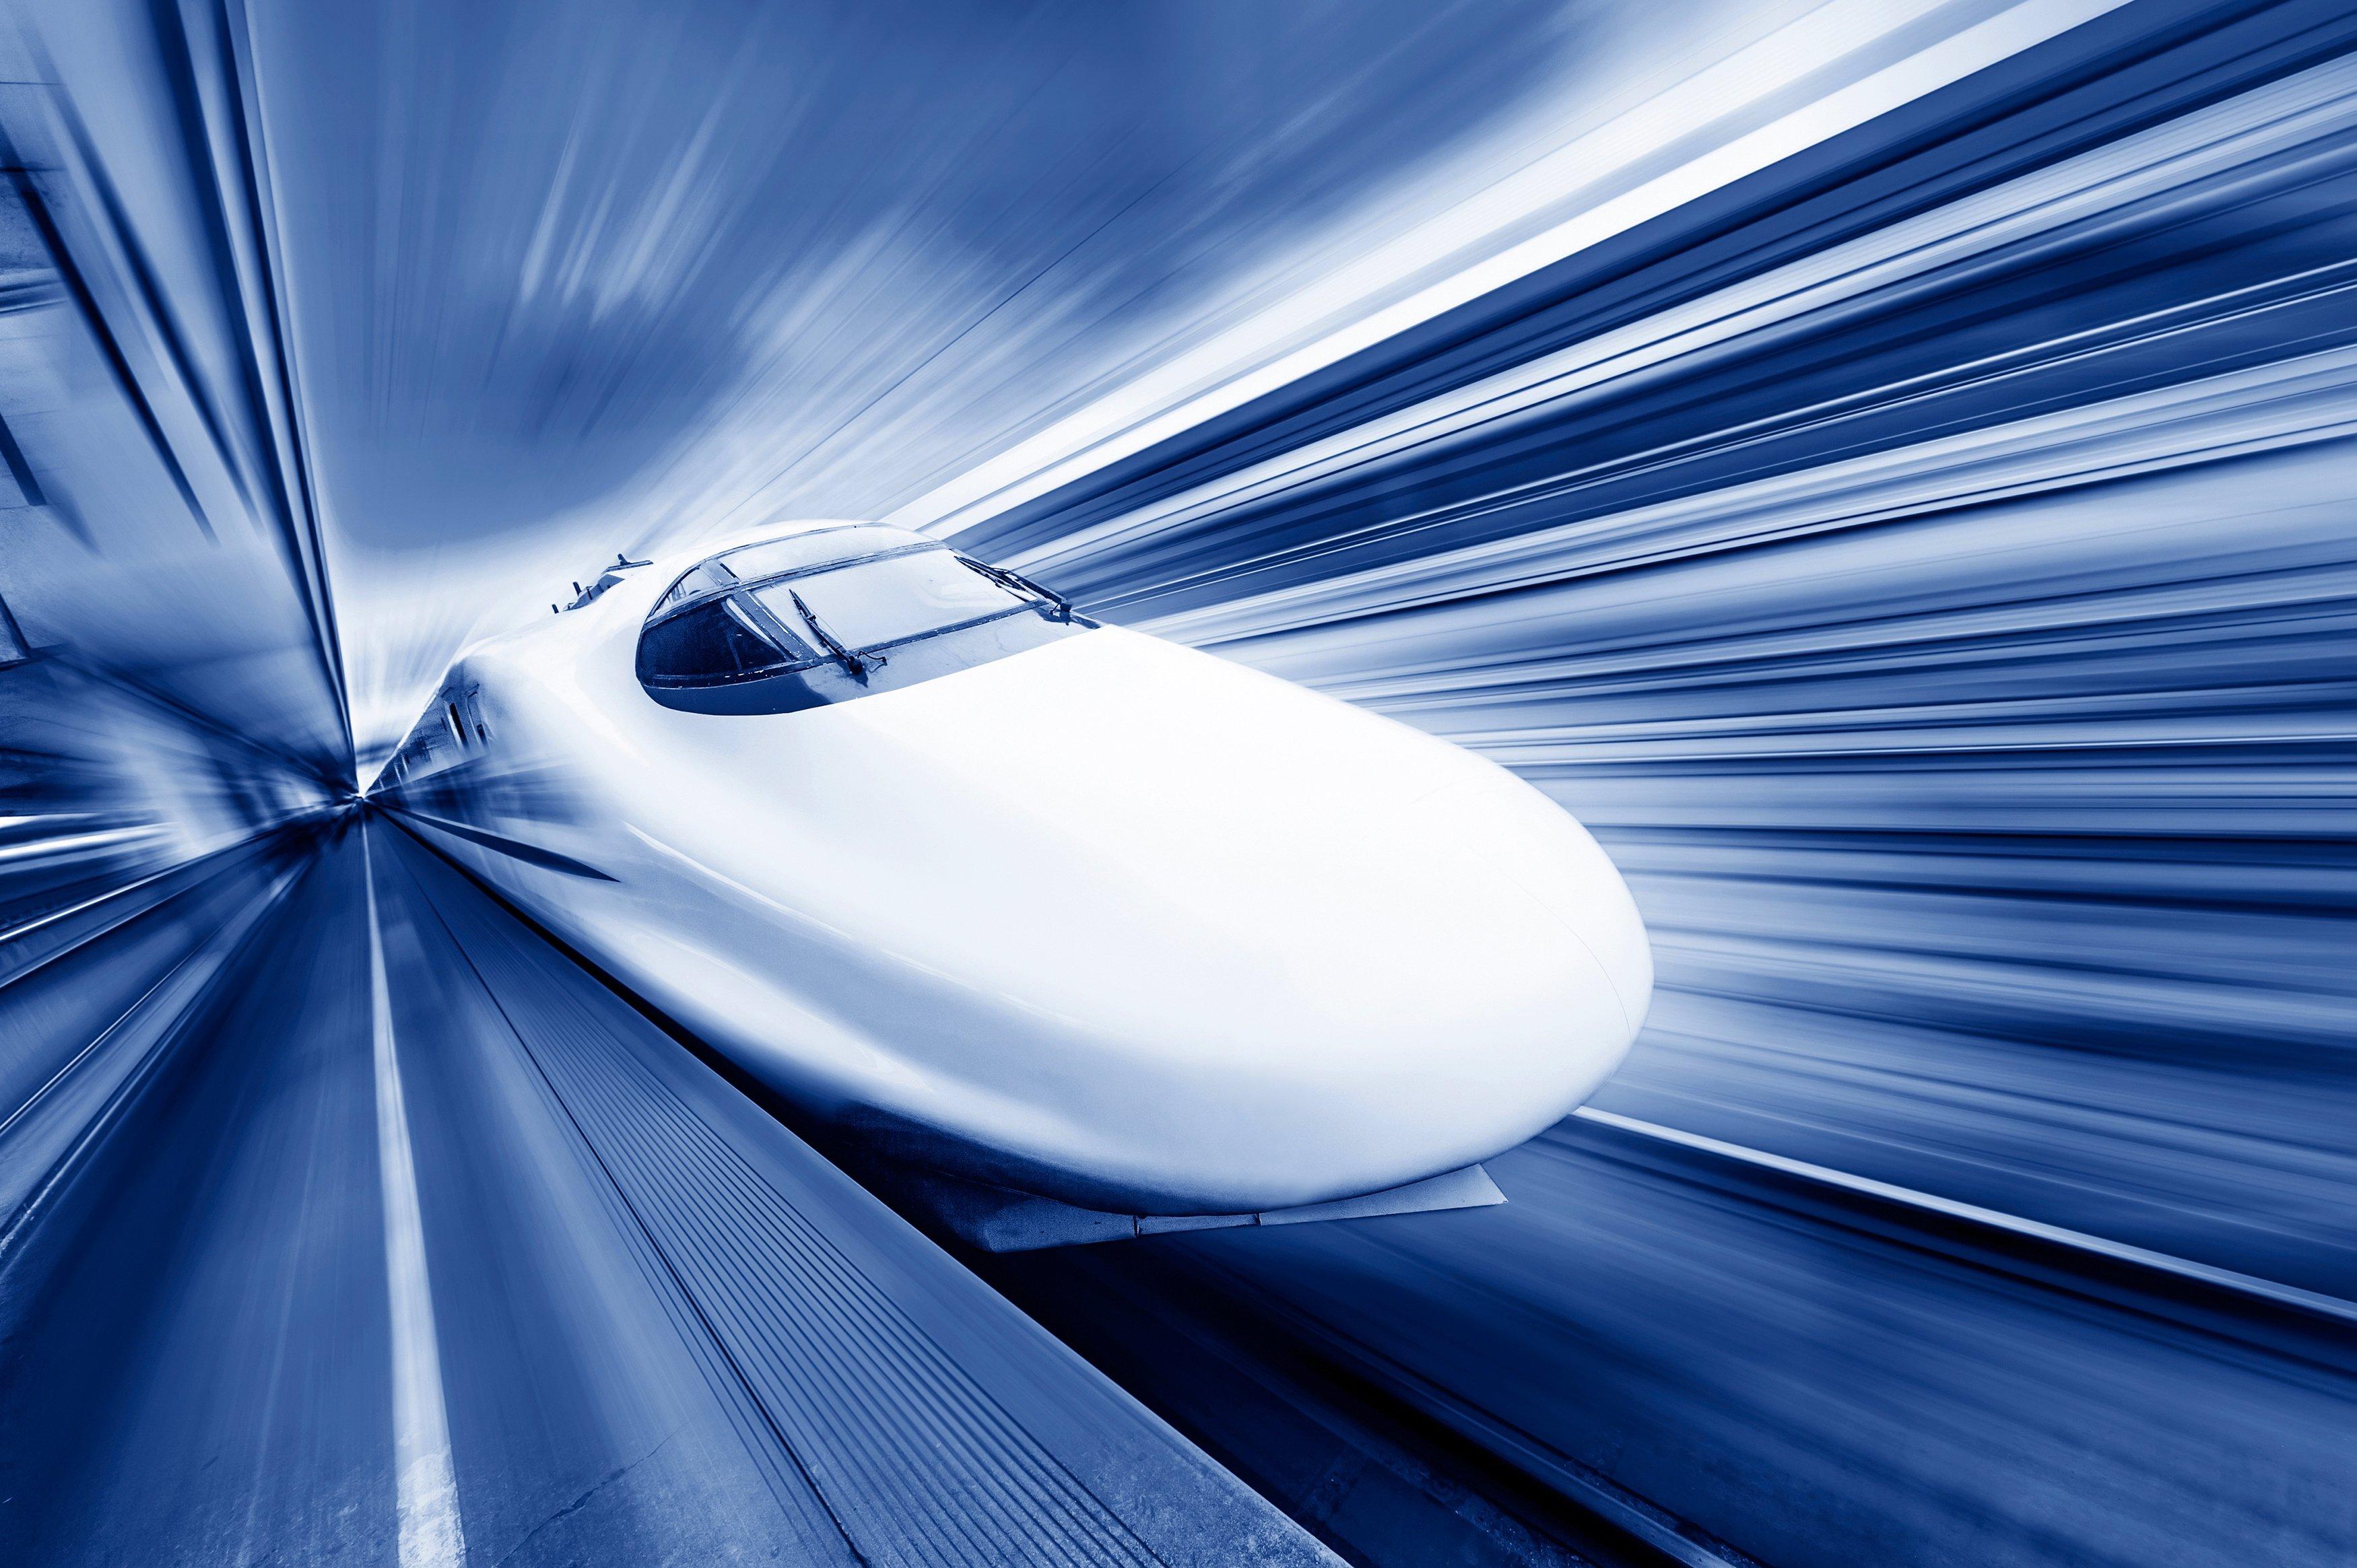 090619 speeding train